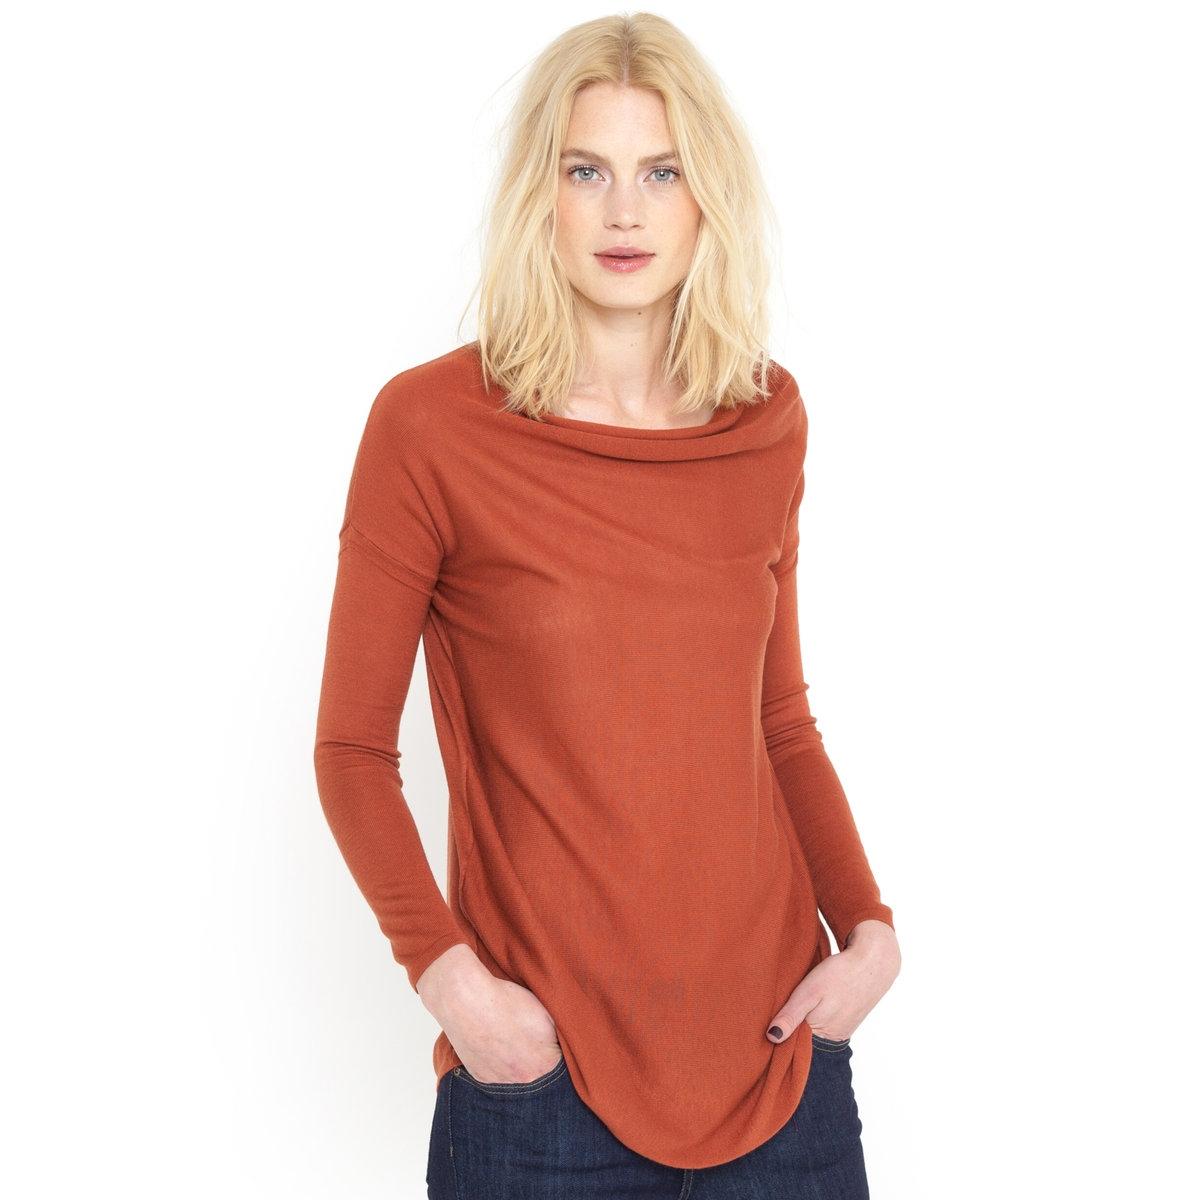 Пуловер с драпировкой на вырезеПуловер с драпировкой на вырезе. 50% вискозы, 40% акрила, 10% мериносовой шерсти. Длинные рукава. Края связаны в рубчик. Застежка на молнию на плече. Длина 70 см.<br><br>Цвет: розовый,темно-оранжевый,черный<br>Размер: 46/48 (FR) - 52/54 (RUS).46/48 (FR) - 52/54 (RUS).50/52 (FR) - 56/58 (RUS)